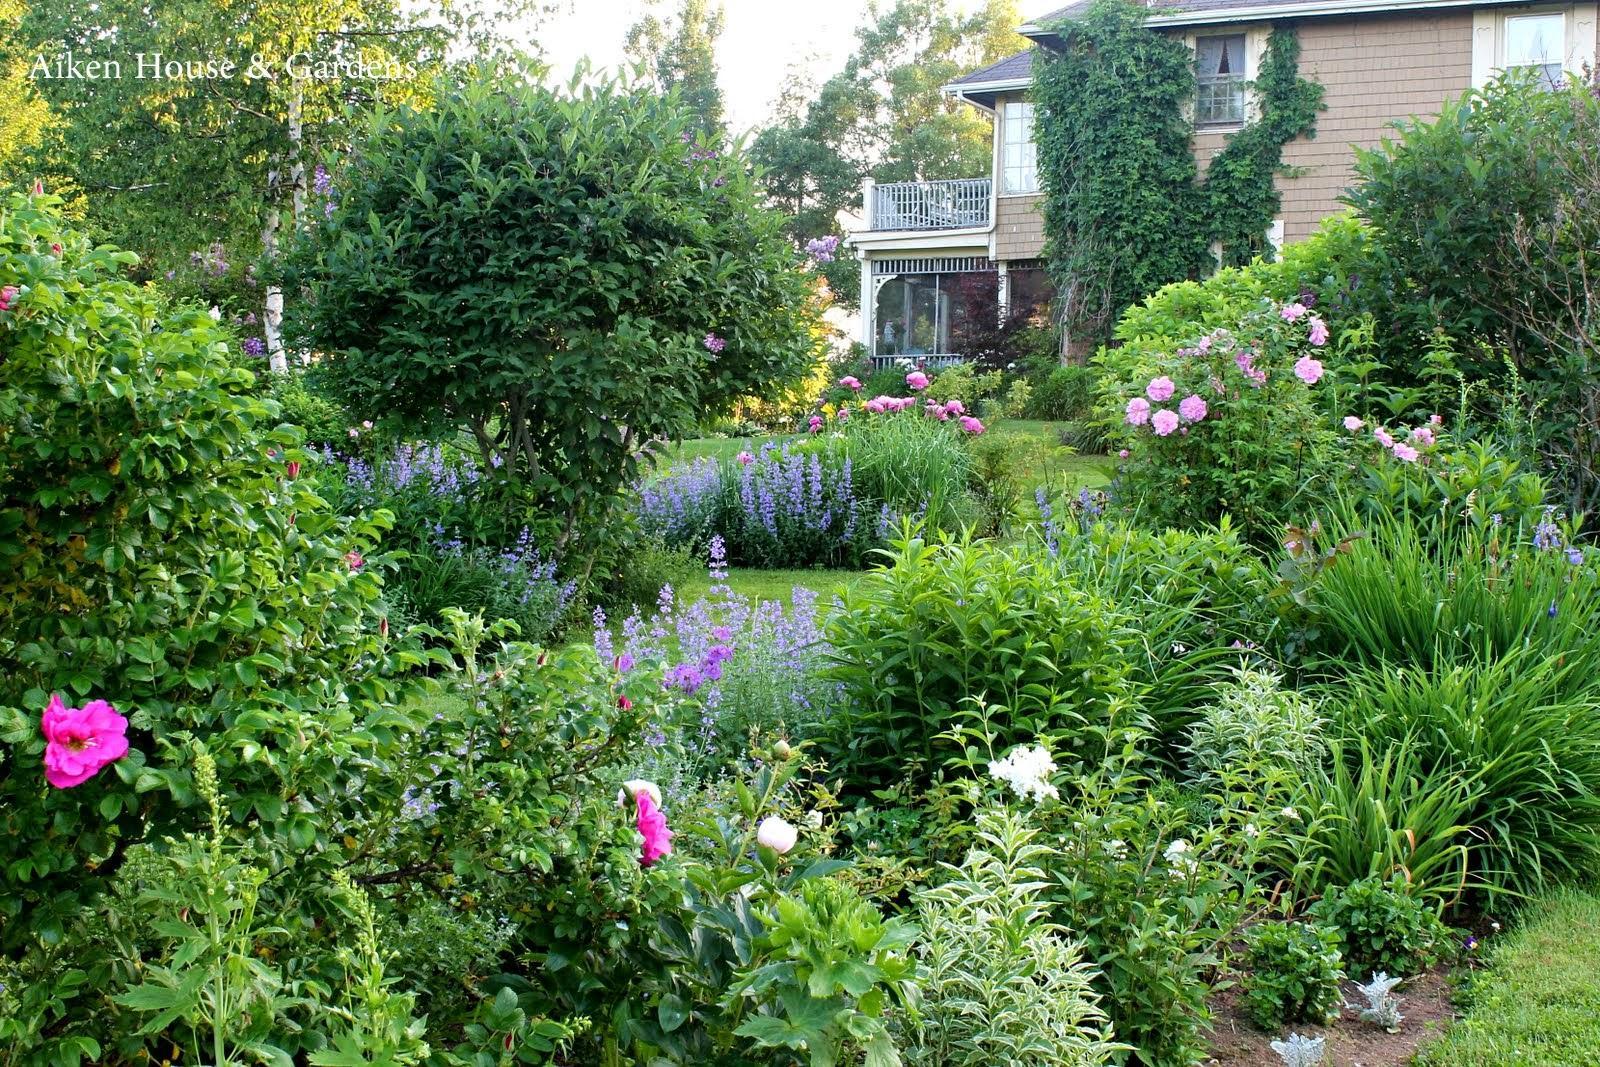 Záhrada,ktorá ťa nikdy neomrzí...divoká a krásna - Obrázok č. 30